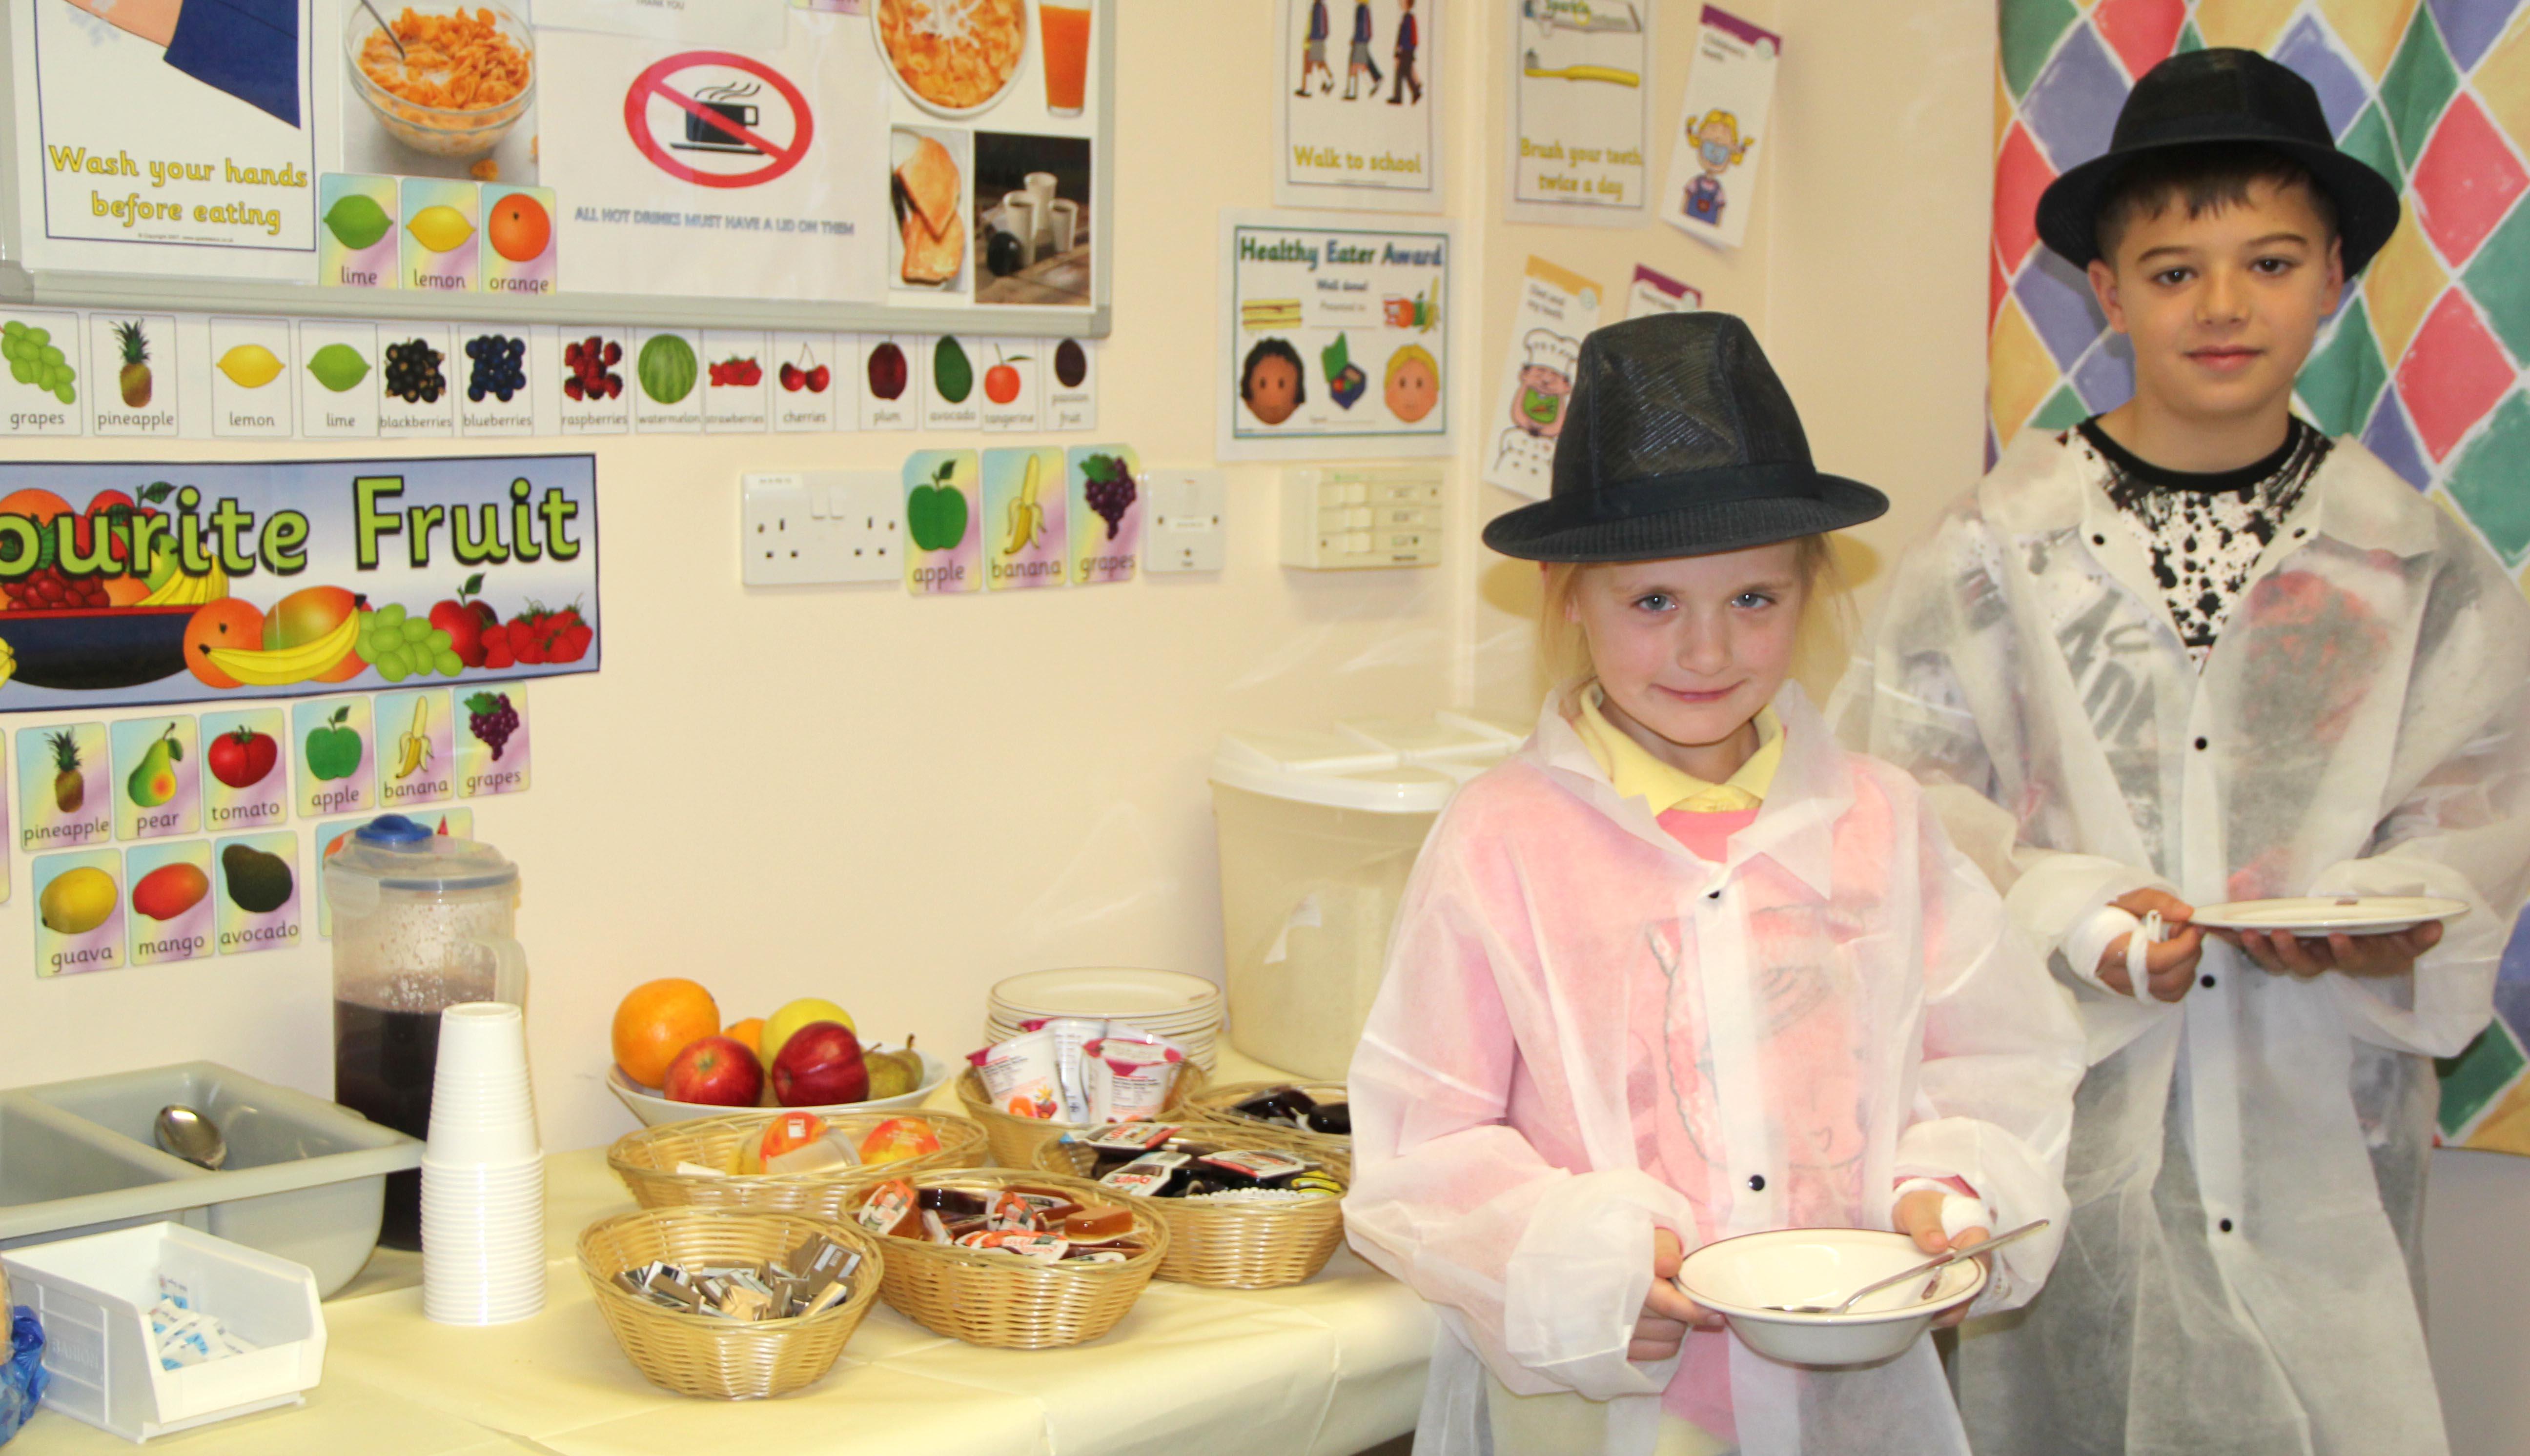 Buffet-style Breakfast for Children's Ward